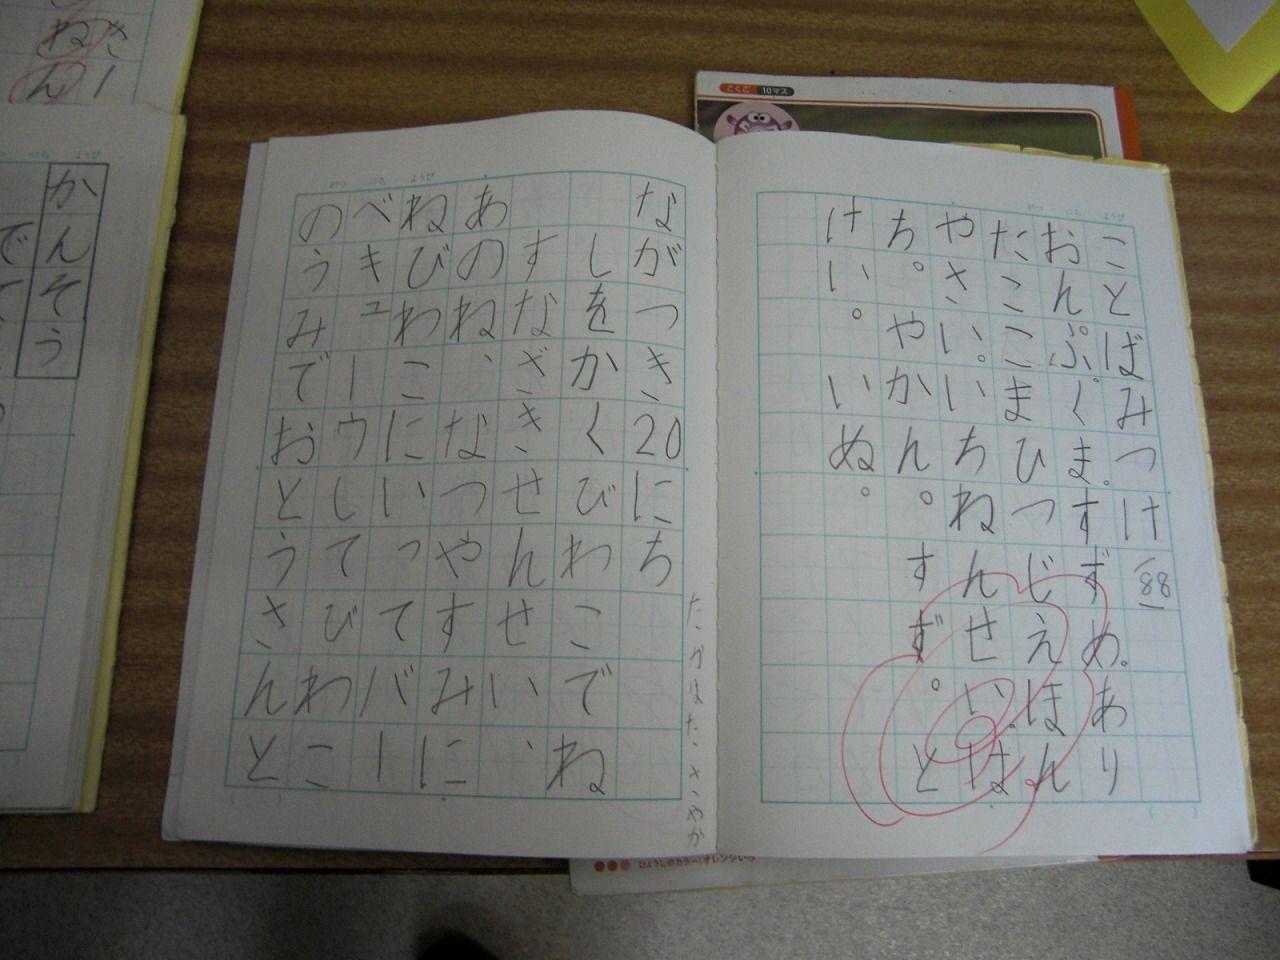 国語 小学2年生国語ノート : ... 年1組生の国語のノートです